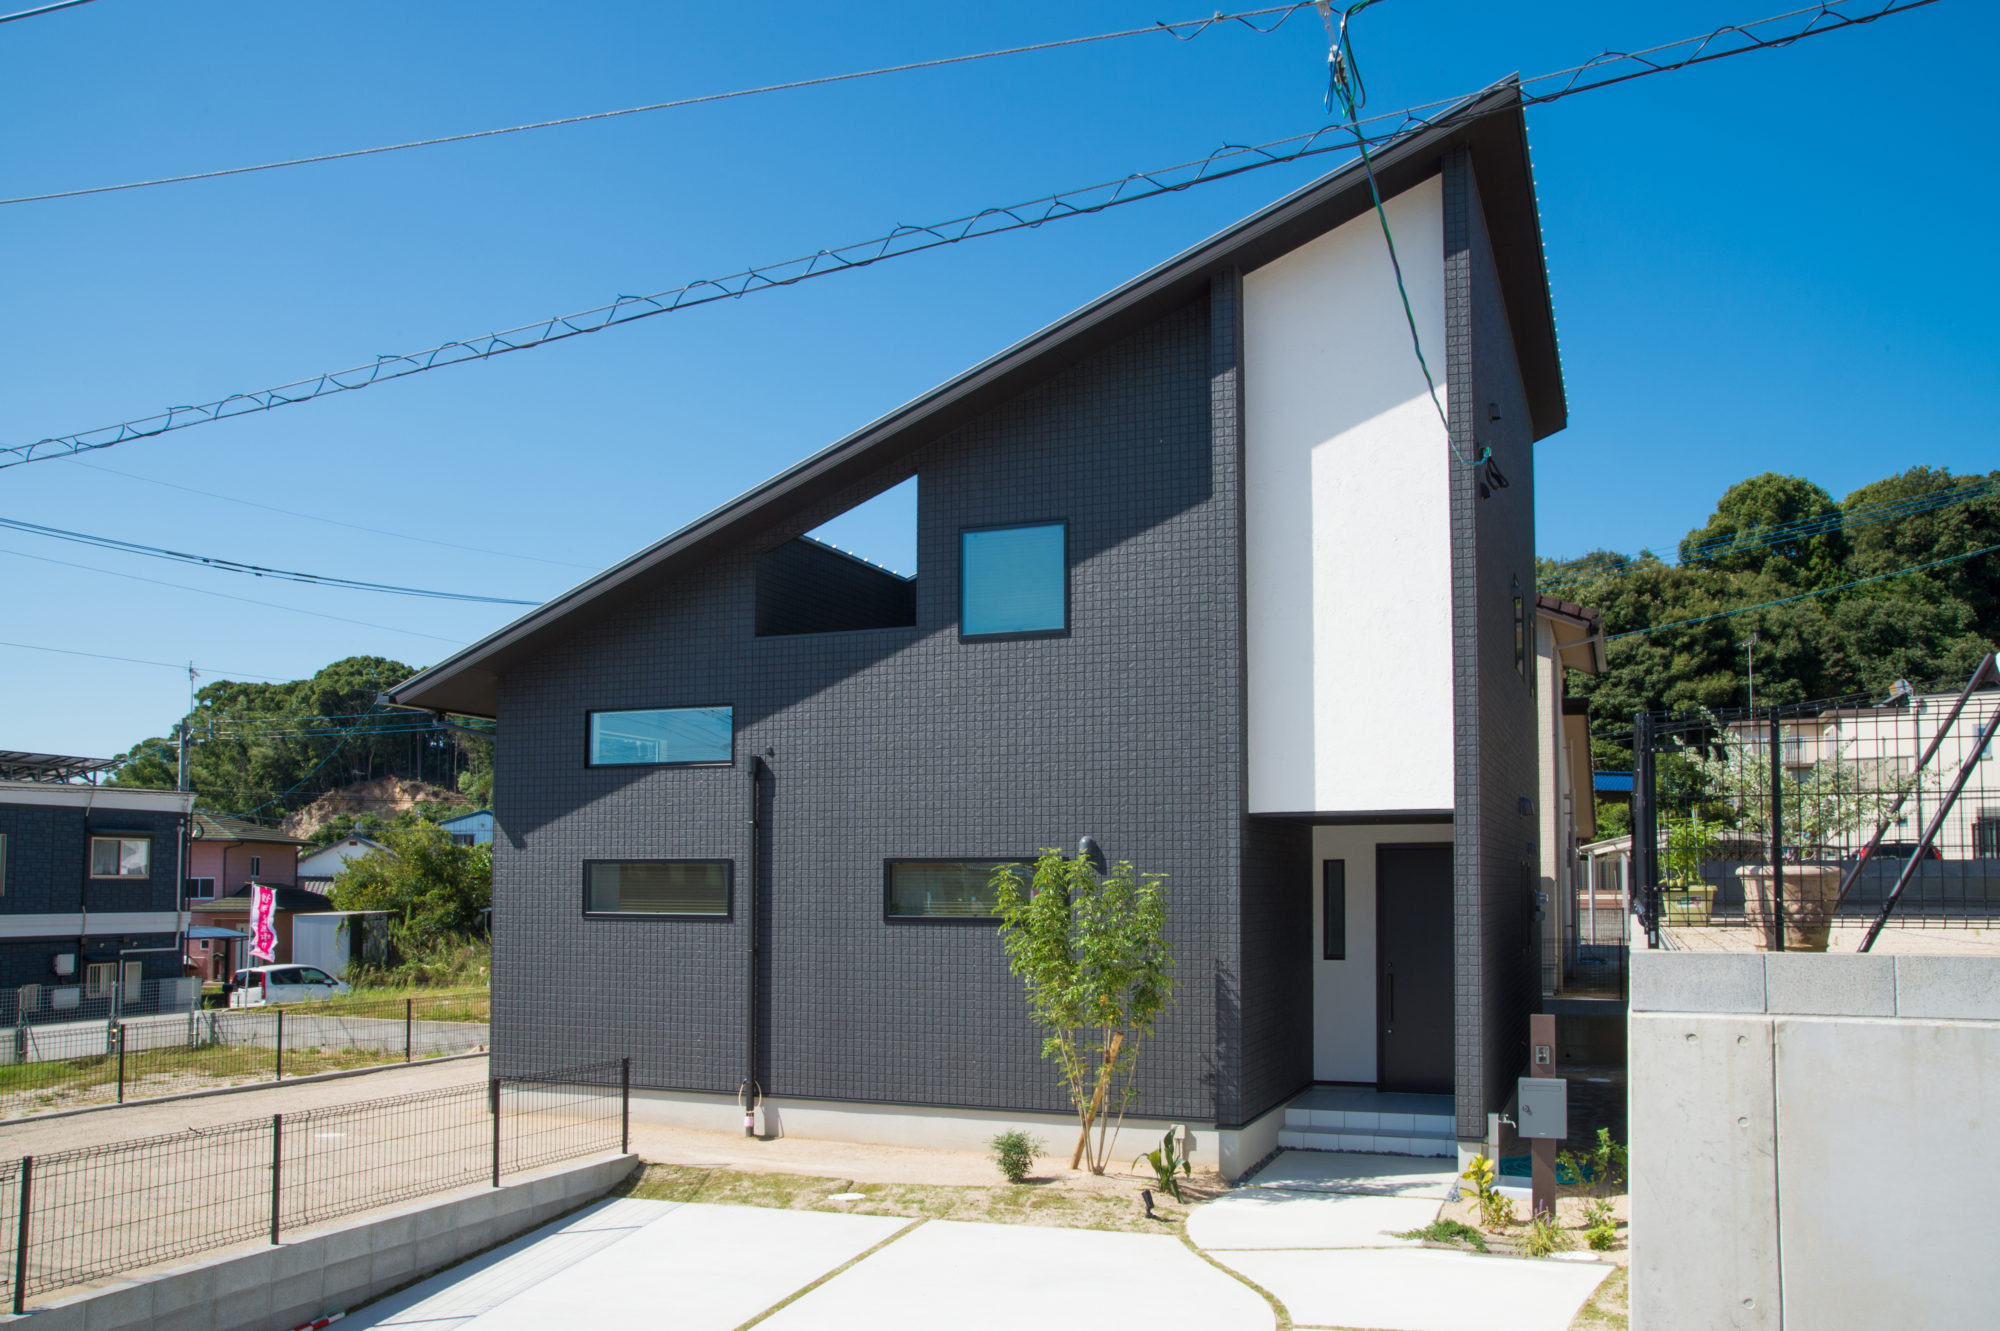 【山家】福岡県筑紫野市山家 NO.4 CONCEPT HOUSE